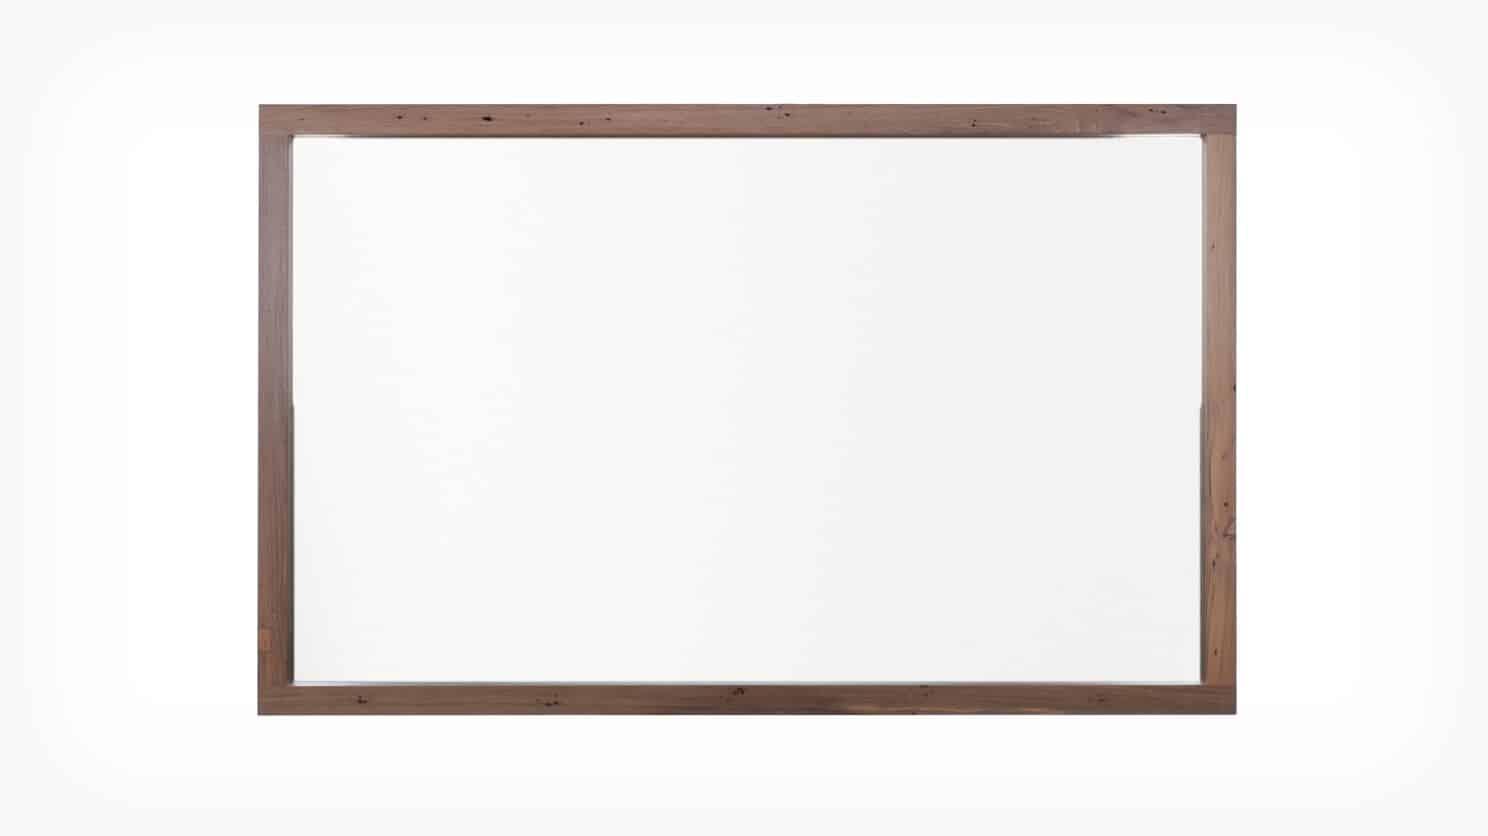 7040 401 15 1 mirror reclaimed teak front